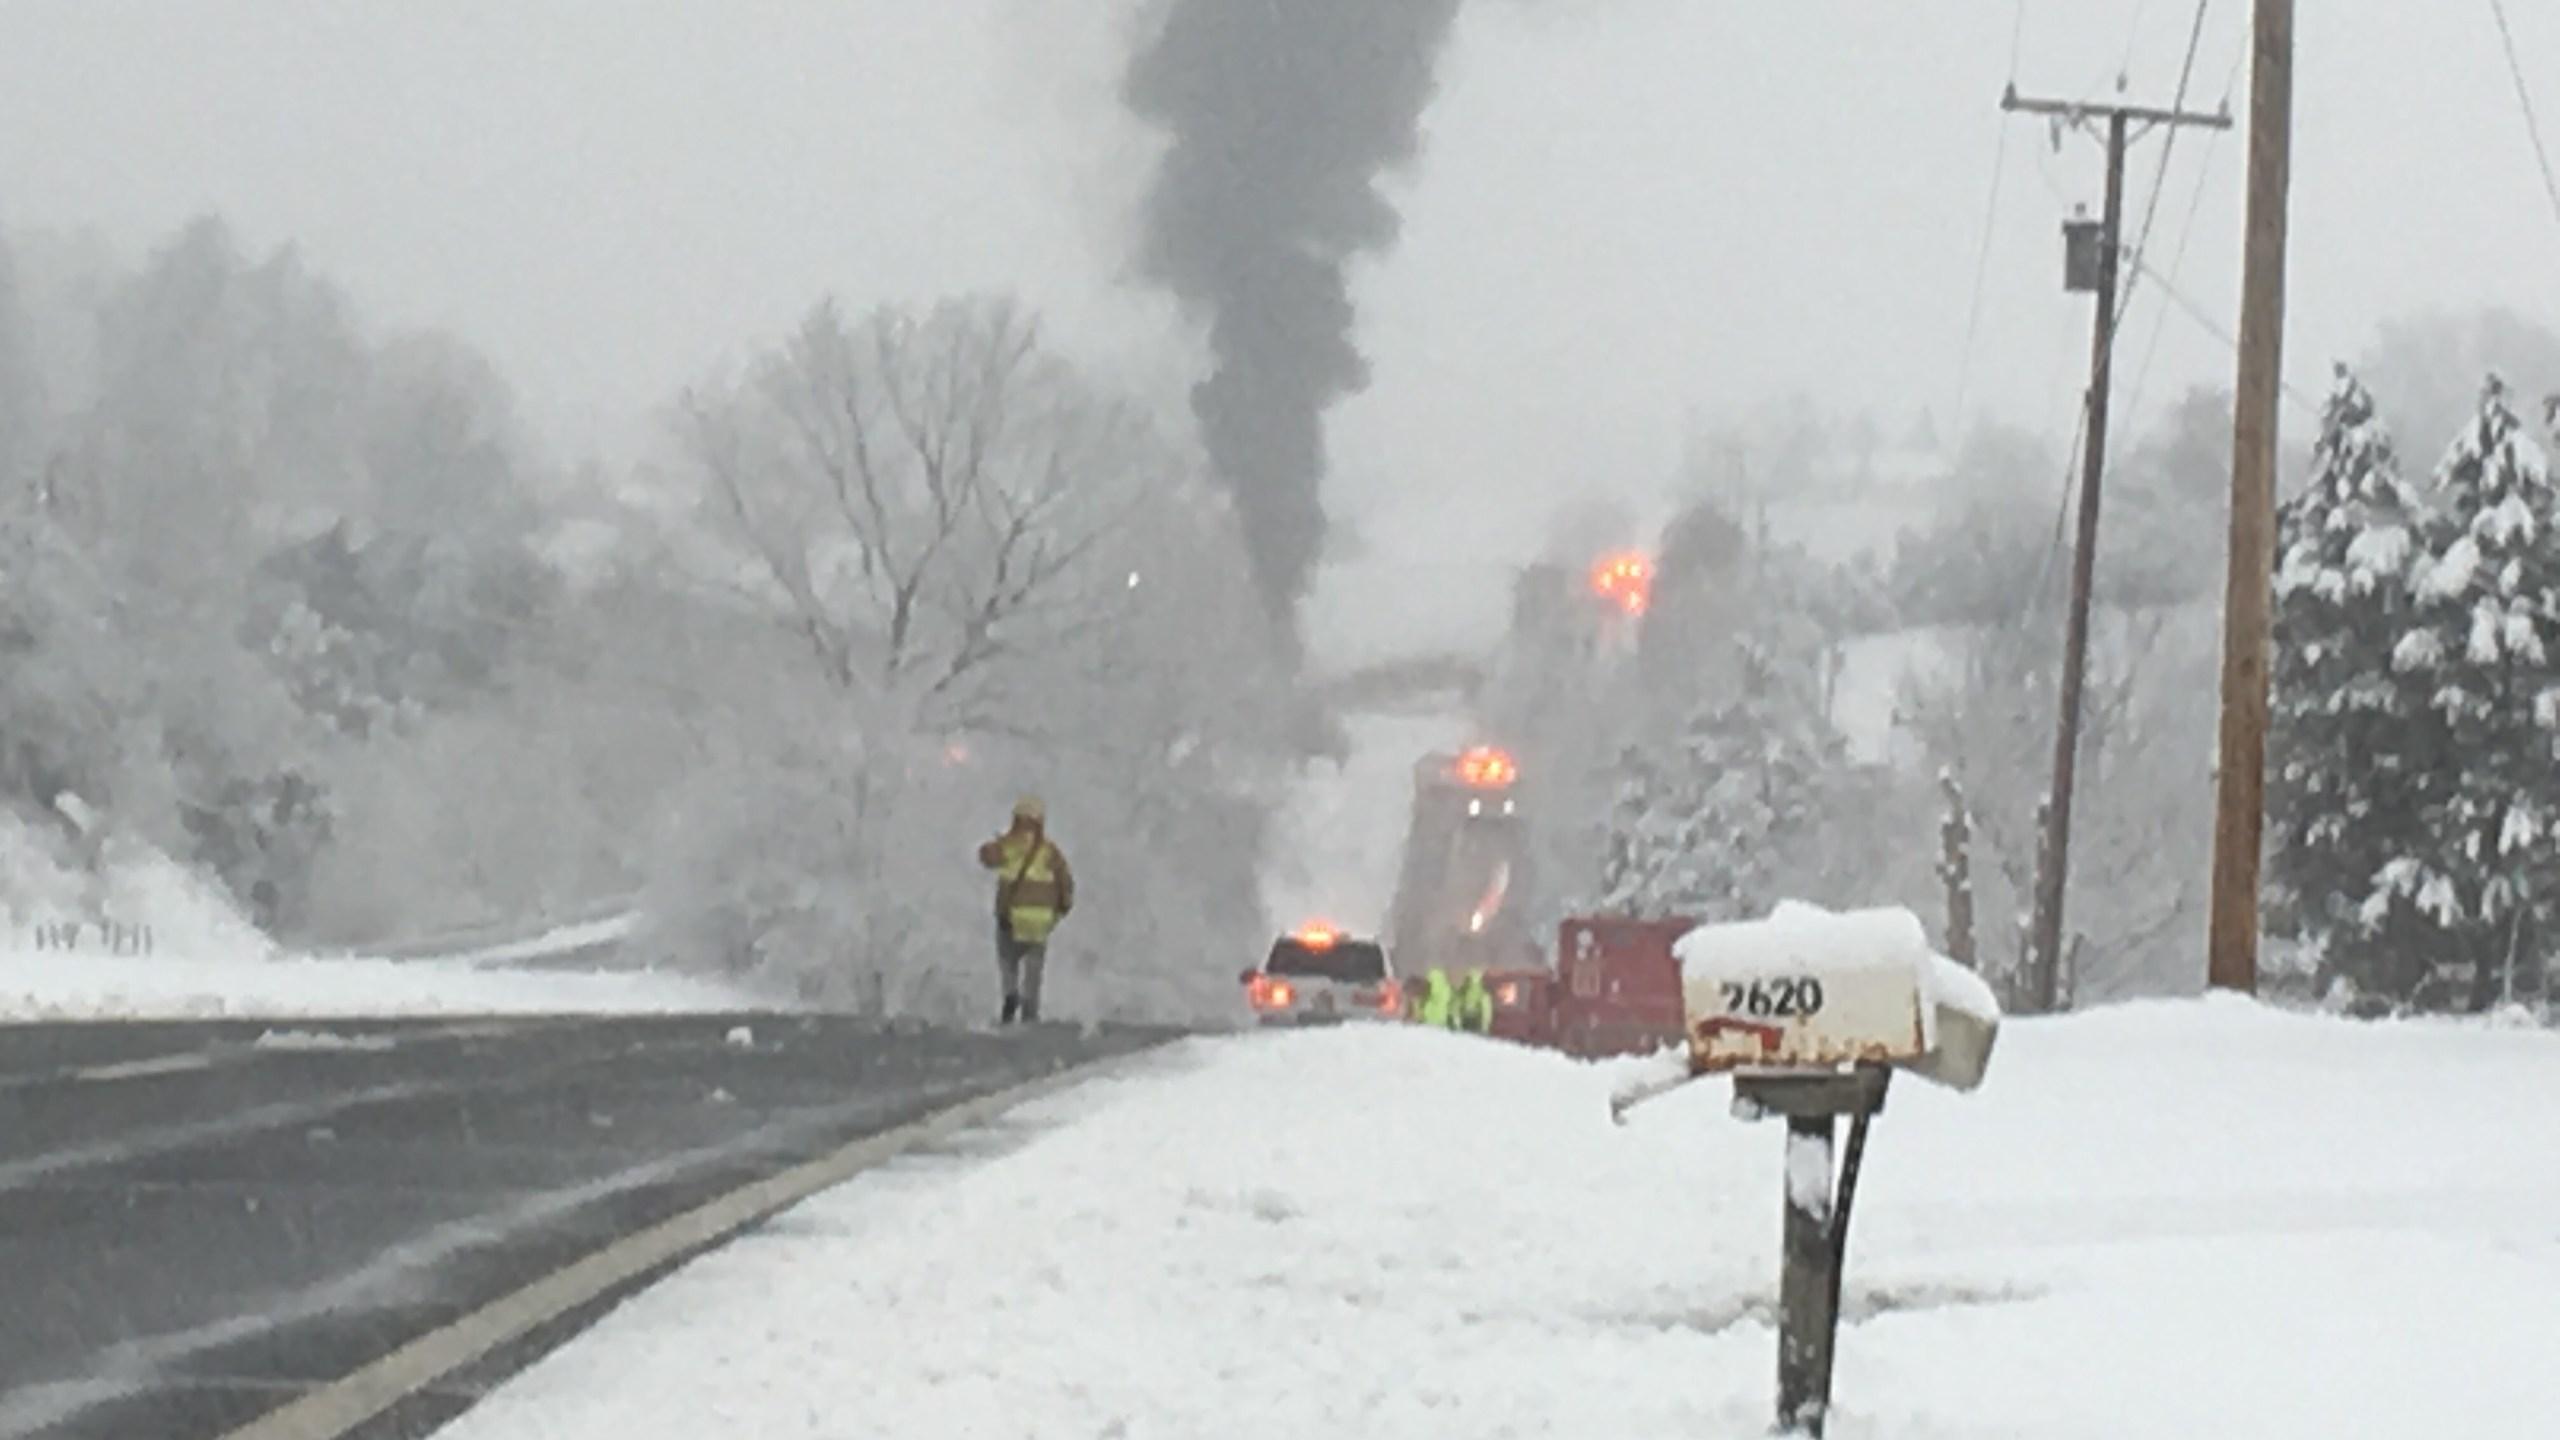 VIDEO: Fuel tanker fire shuts down Virginia highway